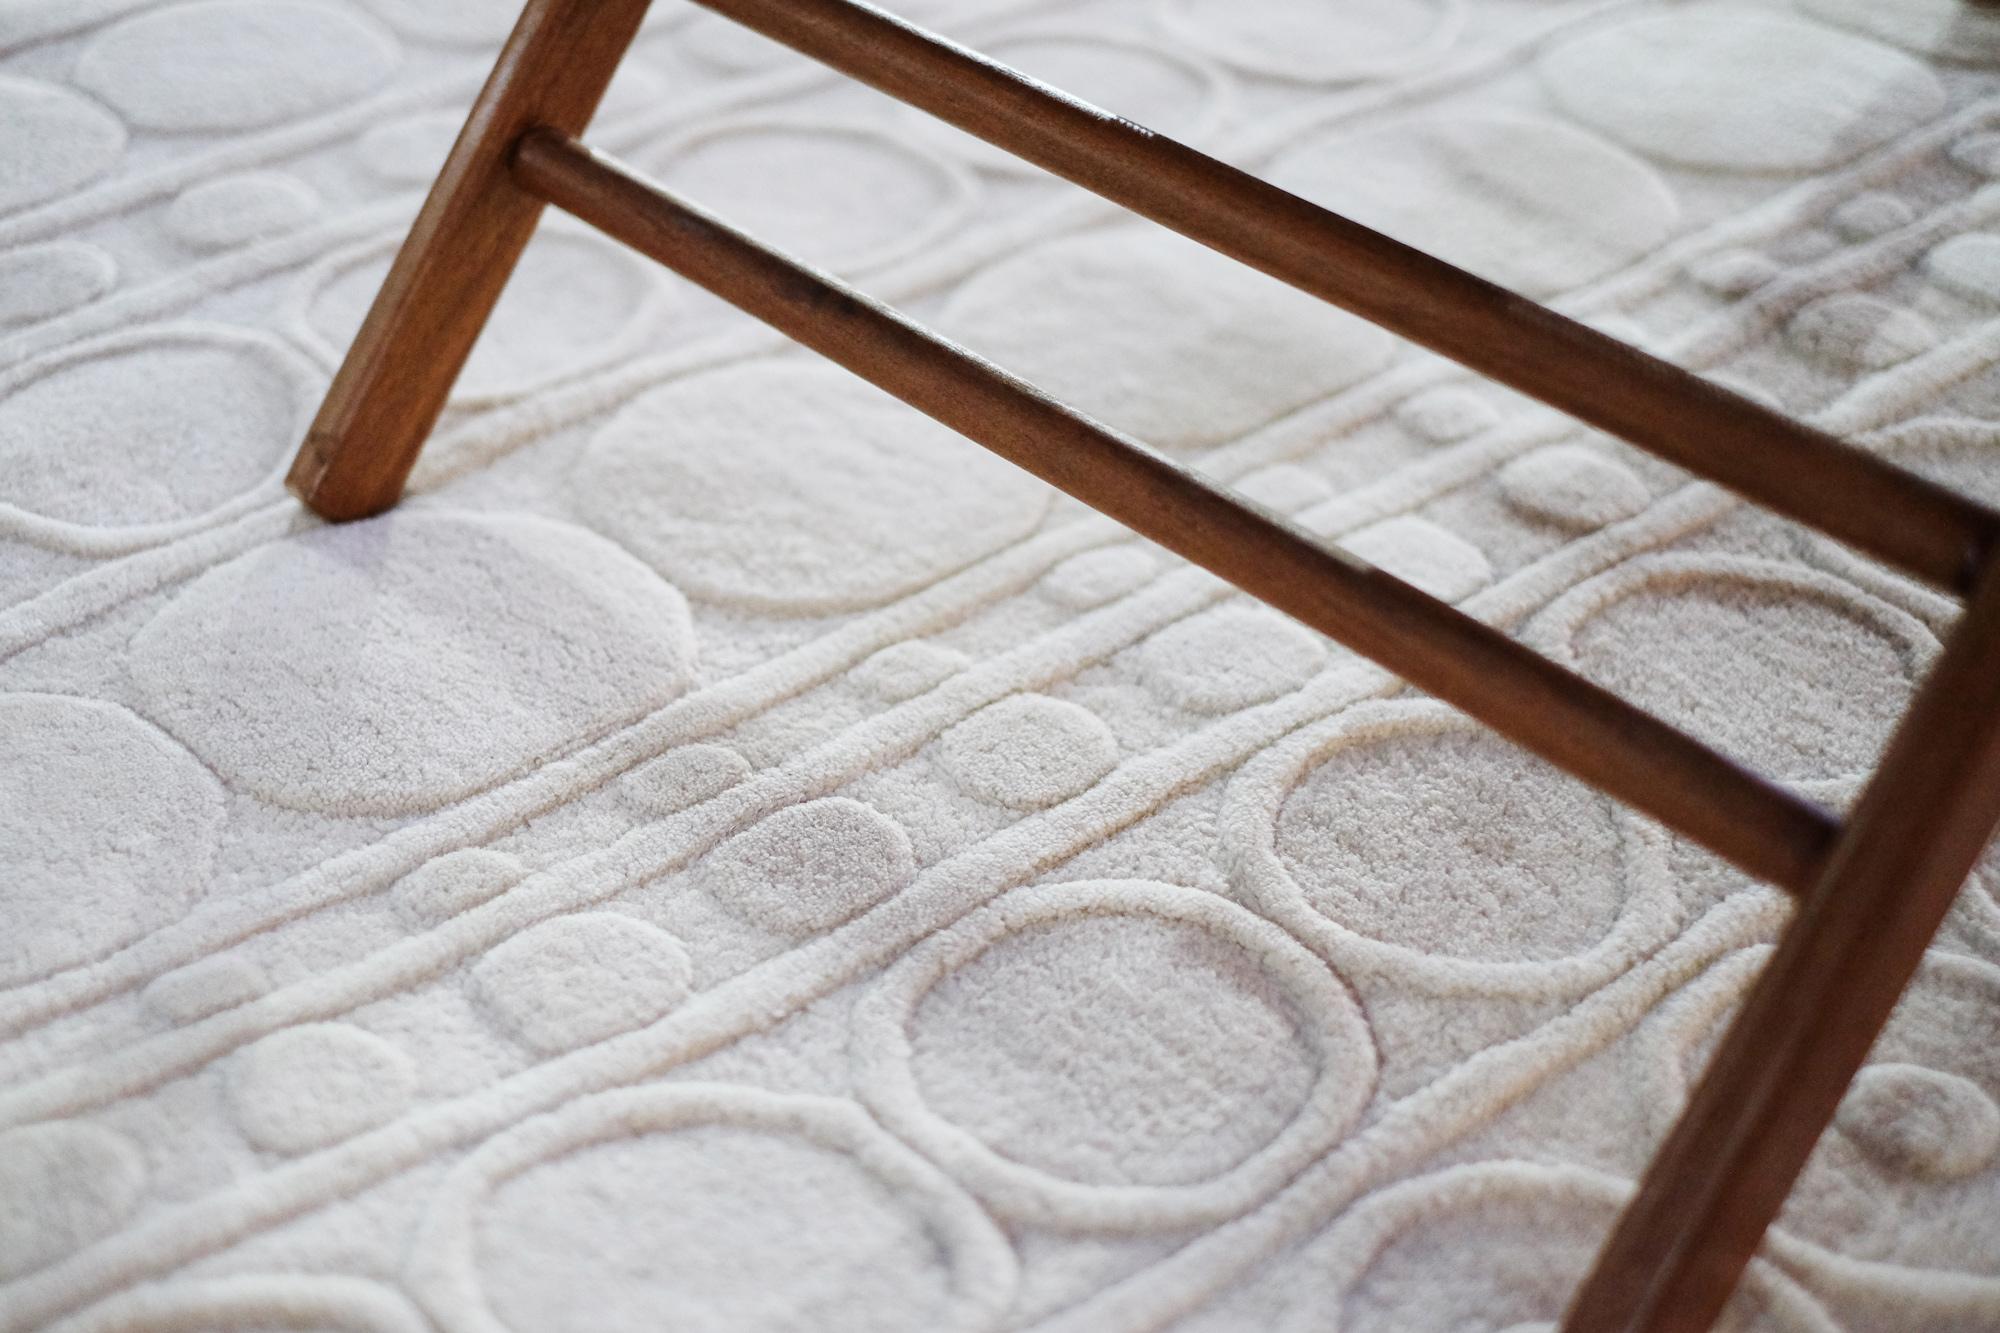 Tapetes Hometeka, nossa primeira linha própria de produtos chegou